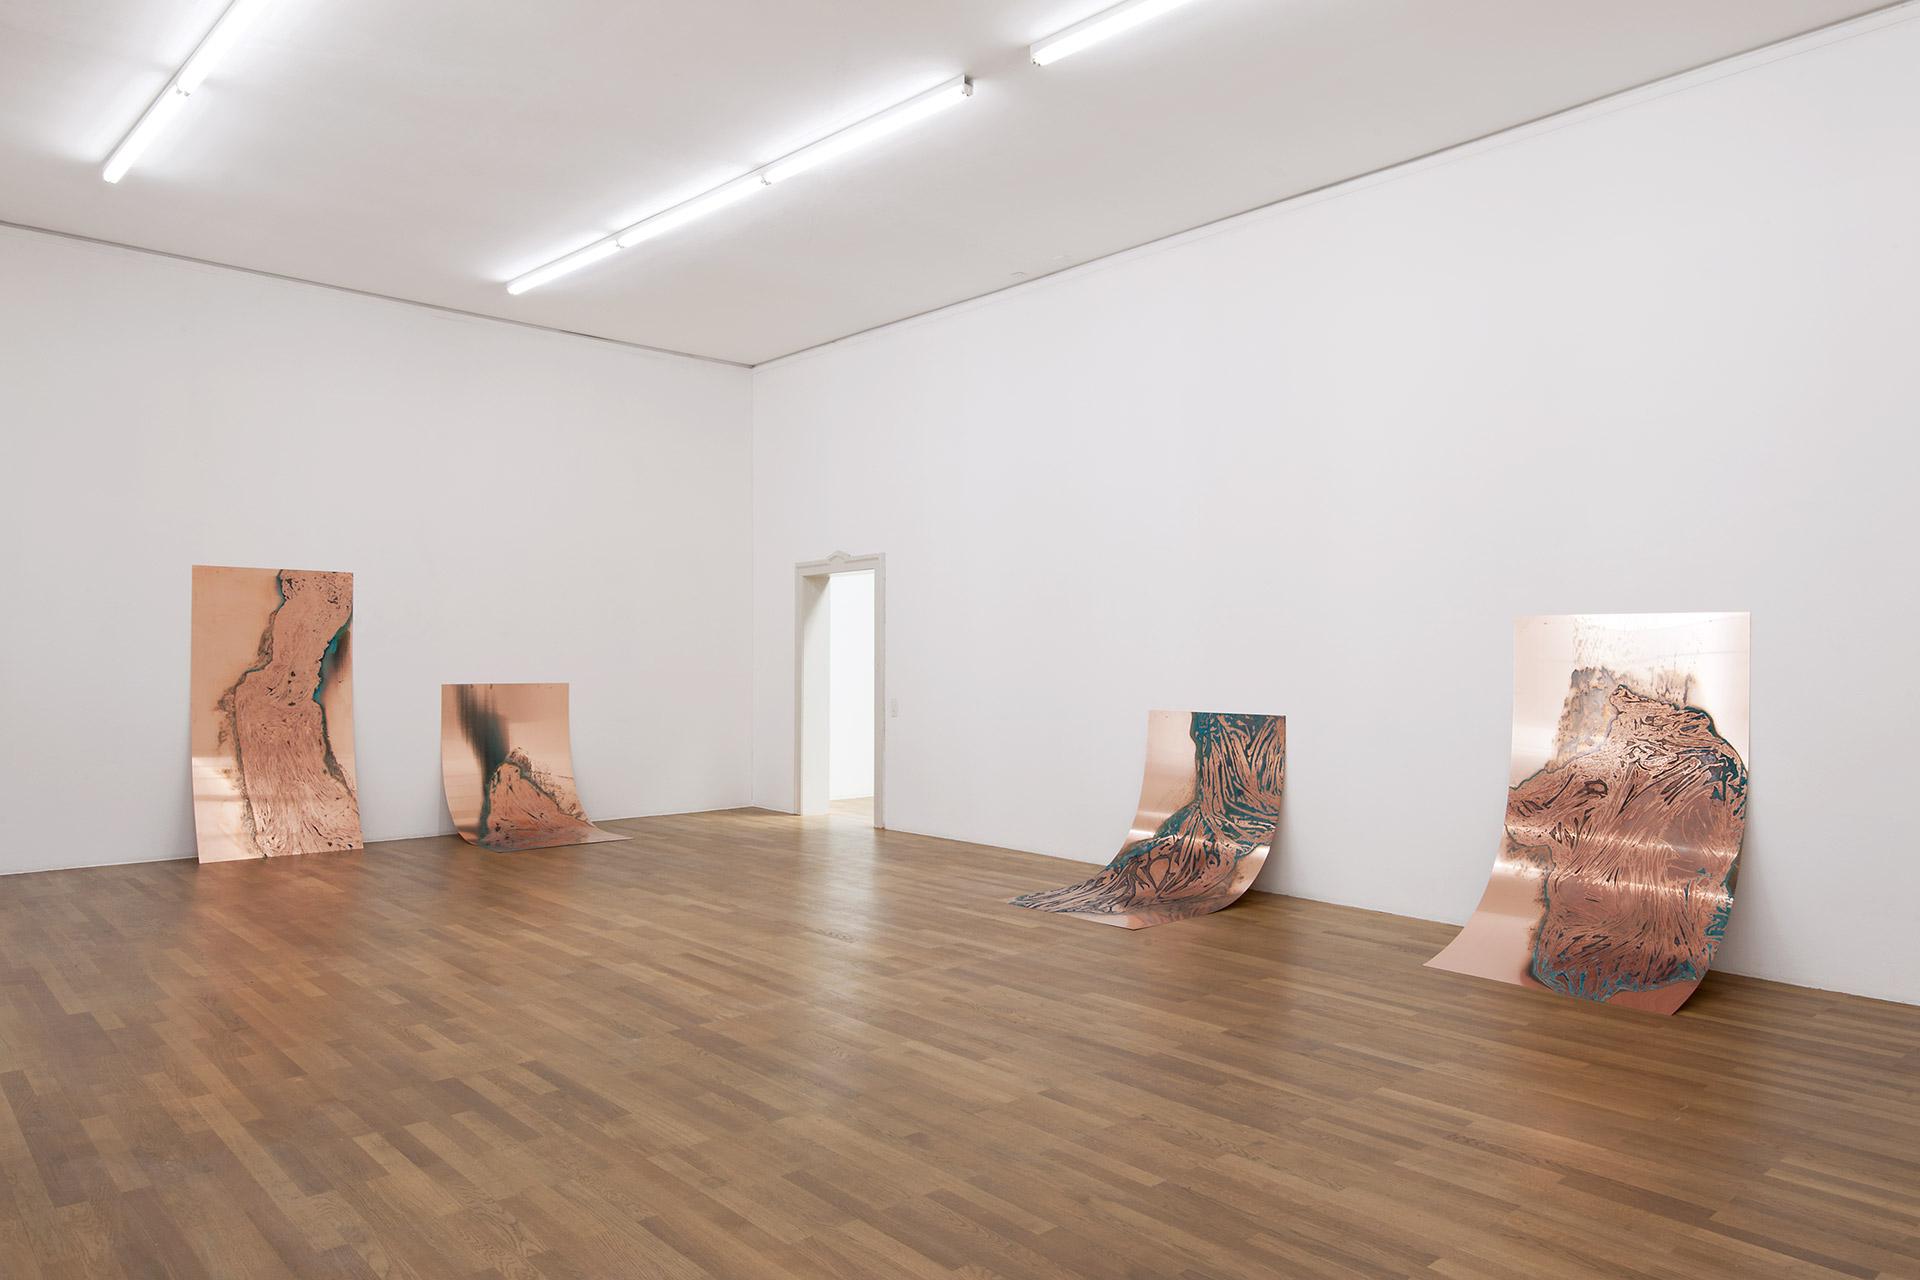 Una-Szeemann-Kunsthalle-Winterthur-2018-1